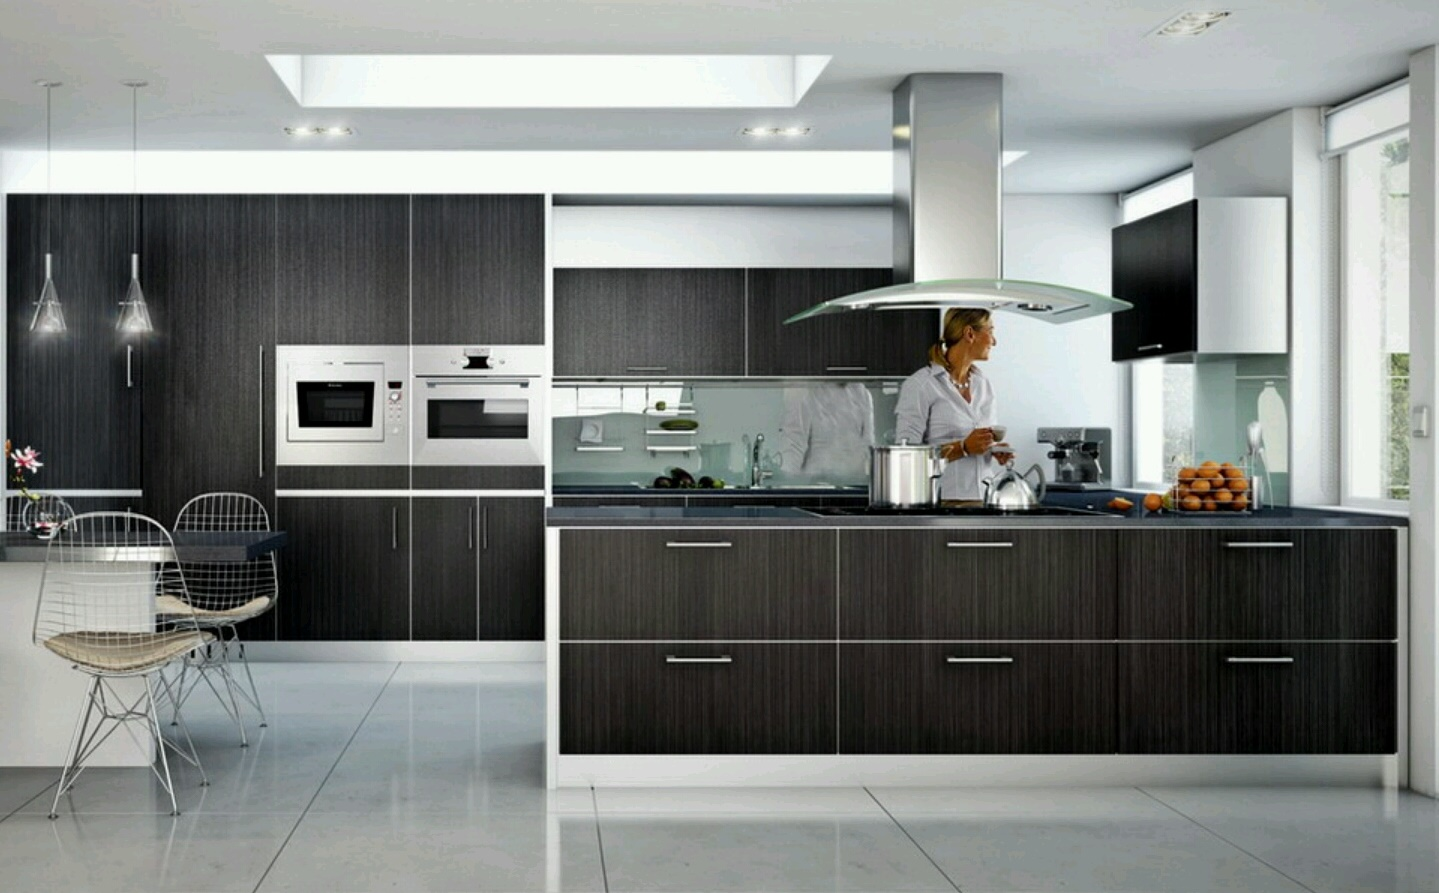 Arredamento cucina tante idee e consigli - Idee arredamento cucina ...